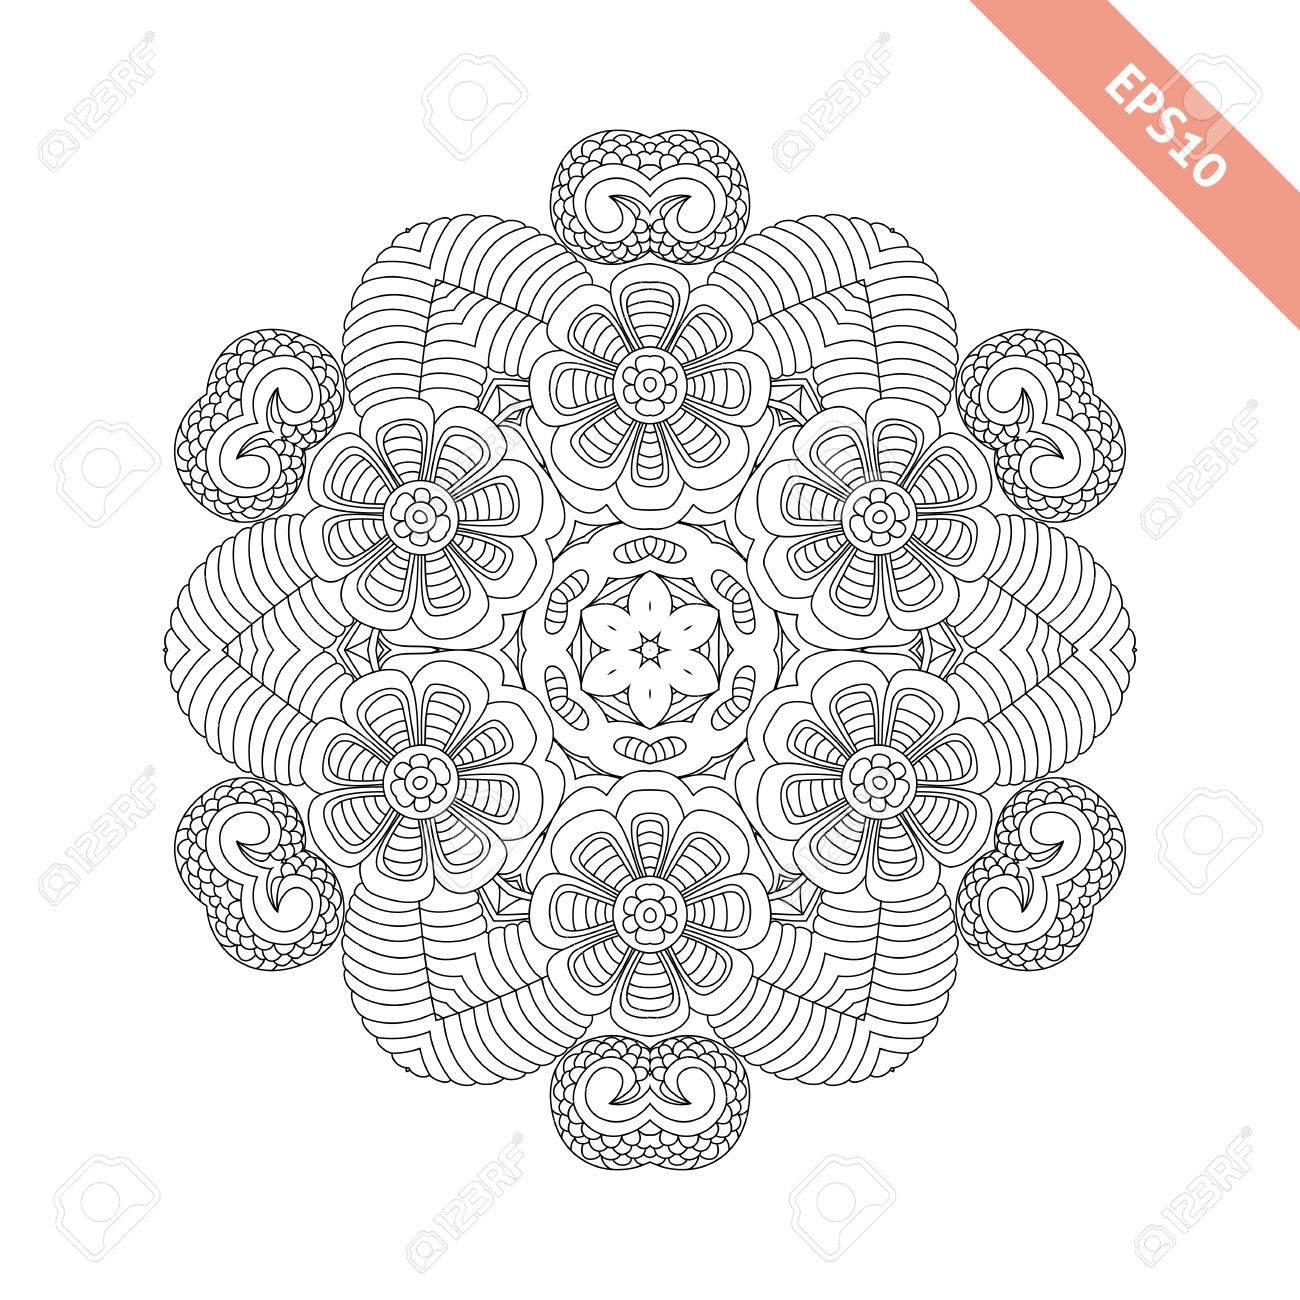 Excelente Diseño Complejo Para Colorear Bosquejo - Dibujos Para ...